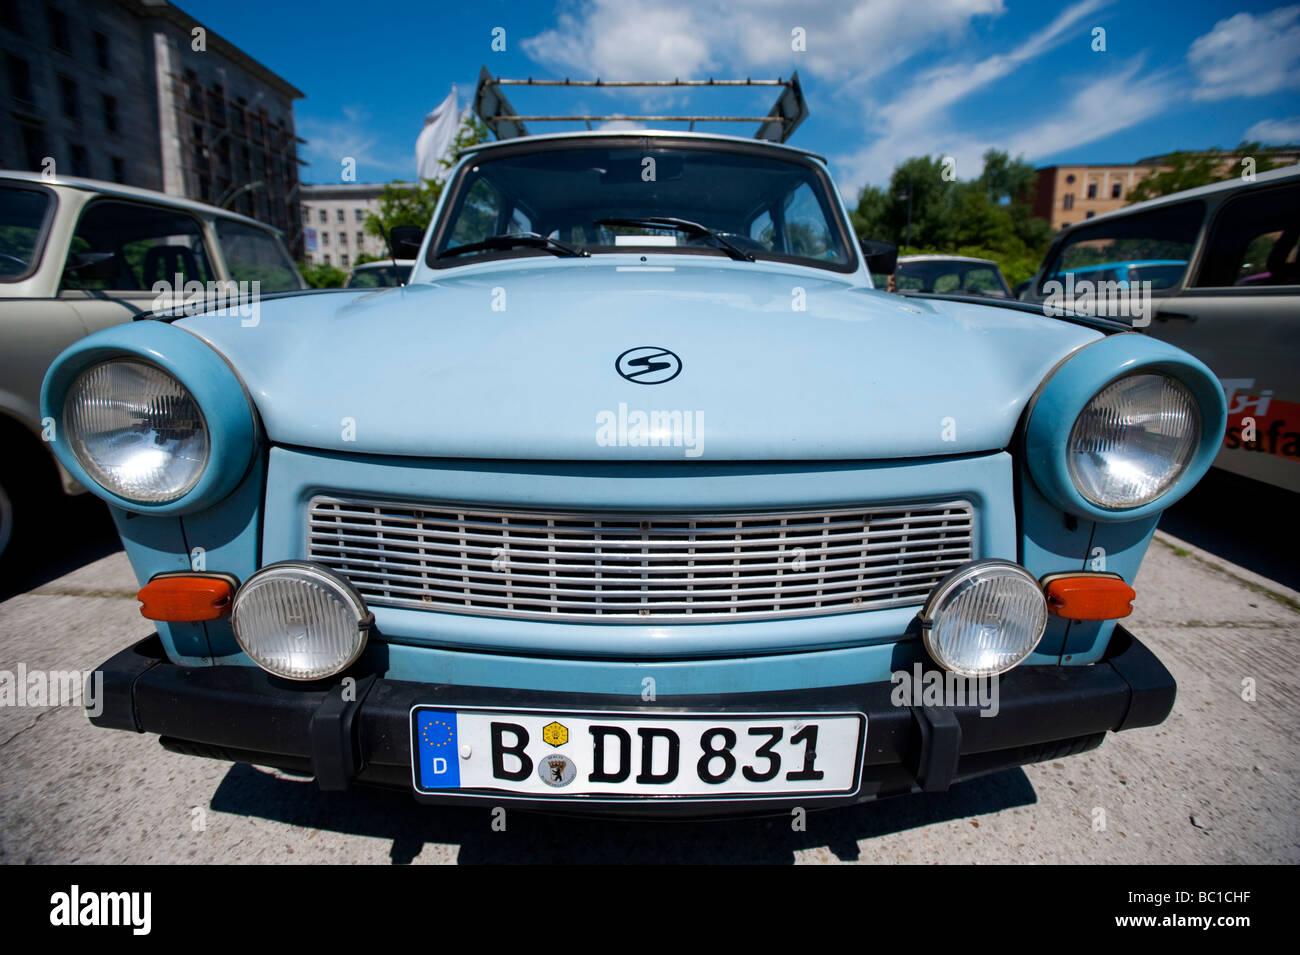 Antiguo Oriente alemán Trabant autos estacionados en Berlín, Alemania Imagen De Stock